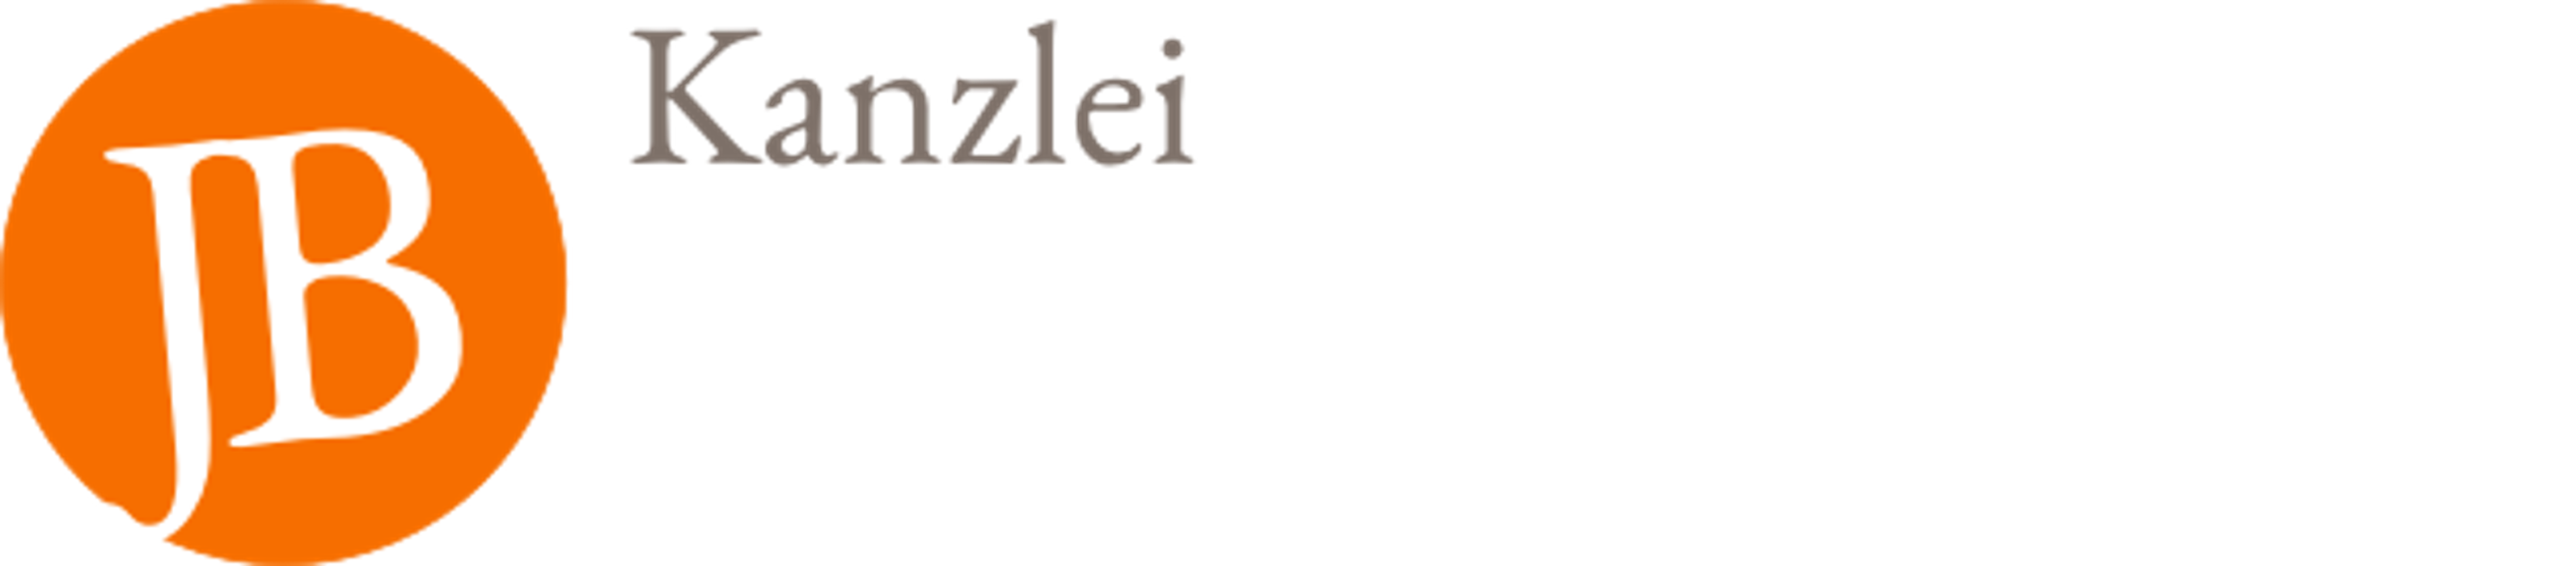 Bild zu Kanzlei Dr. Jörg Burkhard - Rechtsanwalt, Fachanwalt für Steuerrecht und Fachanwalt für Strafrecht in Wiesbaden